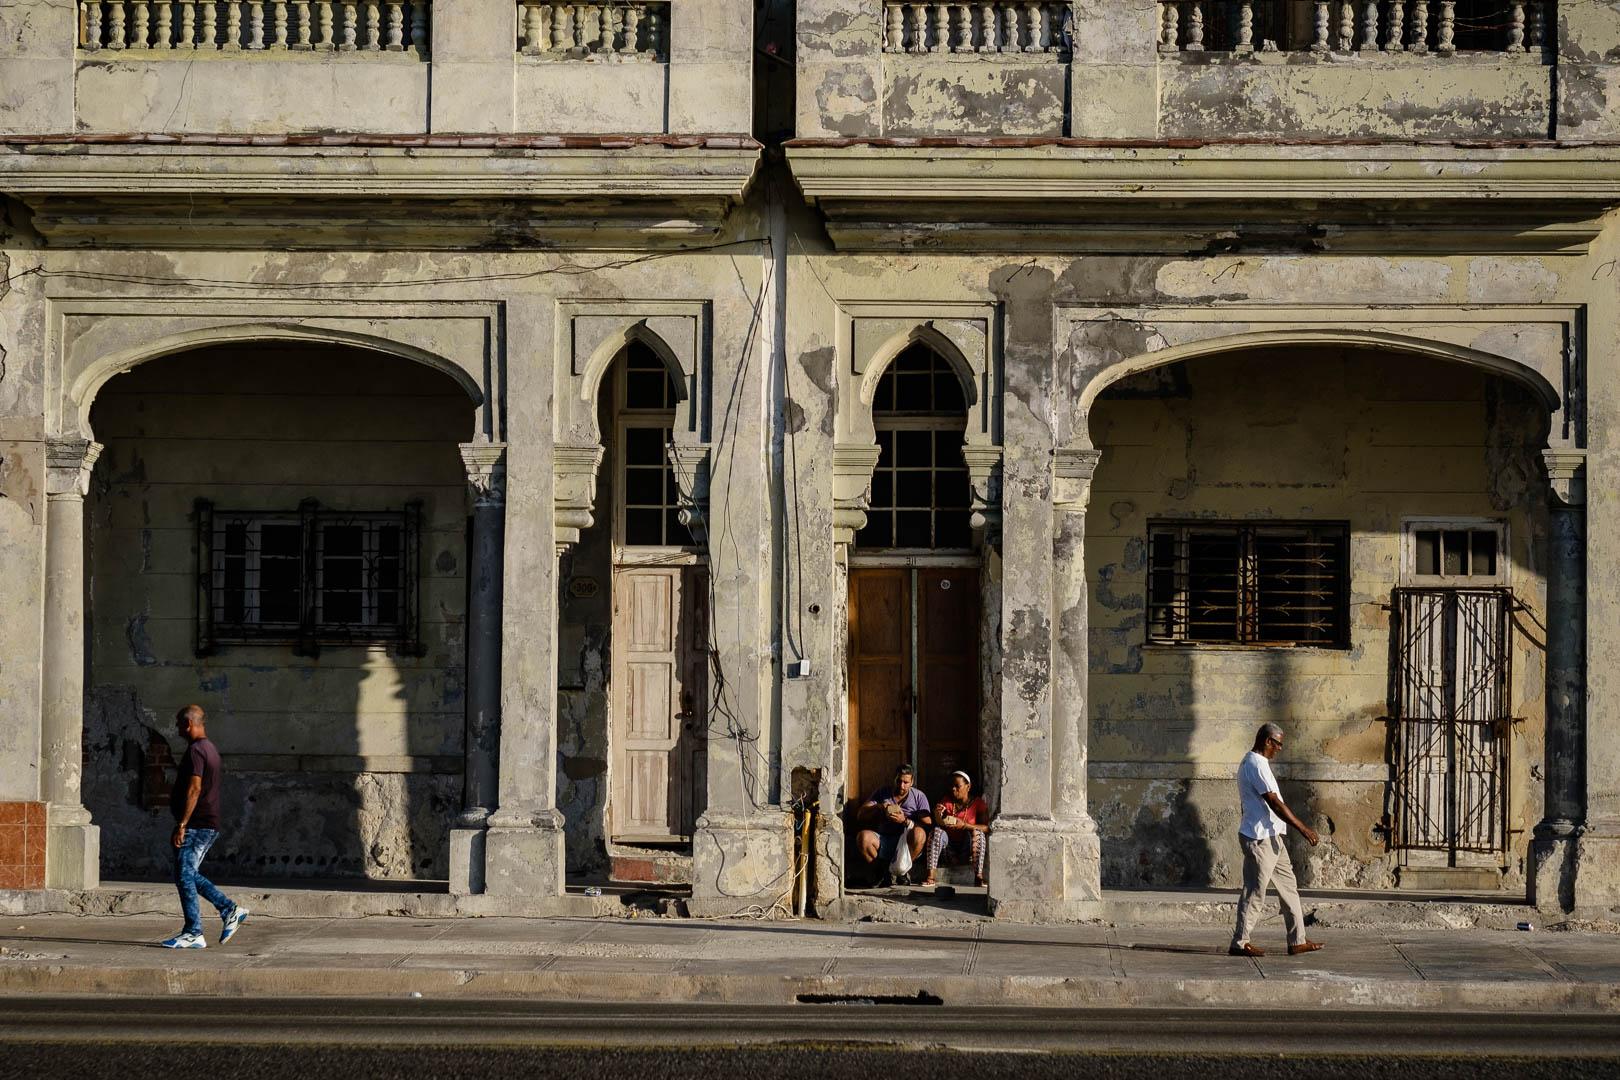 180501-Havana-390-1080.jpg